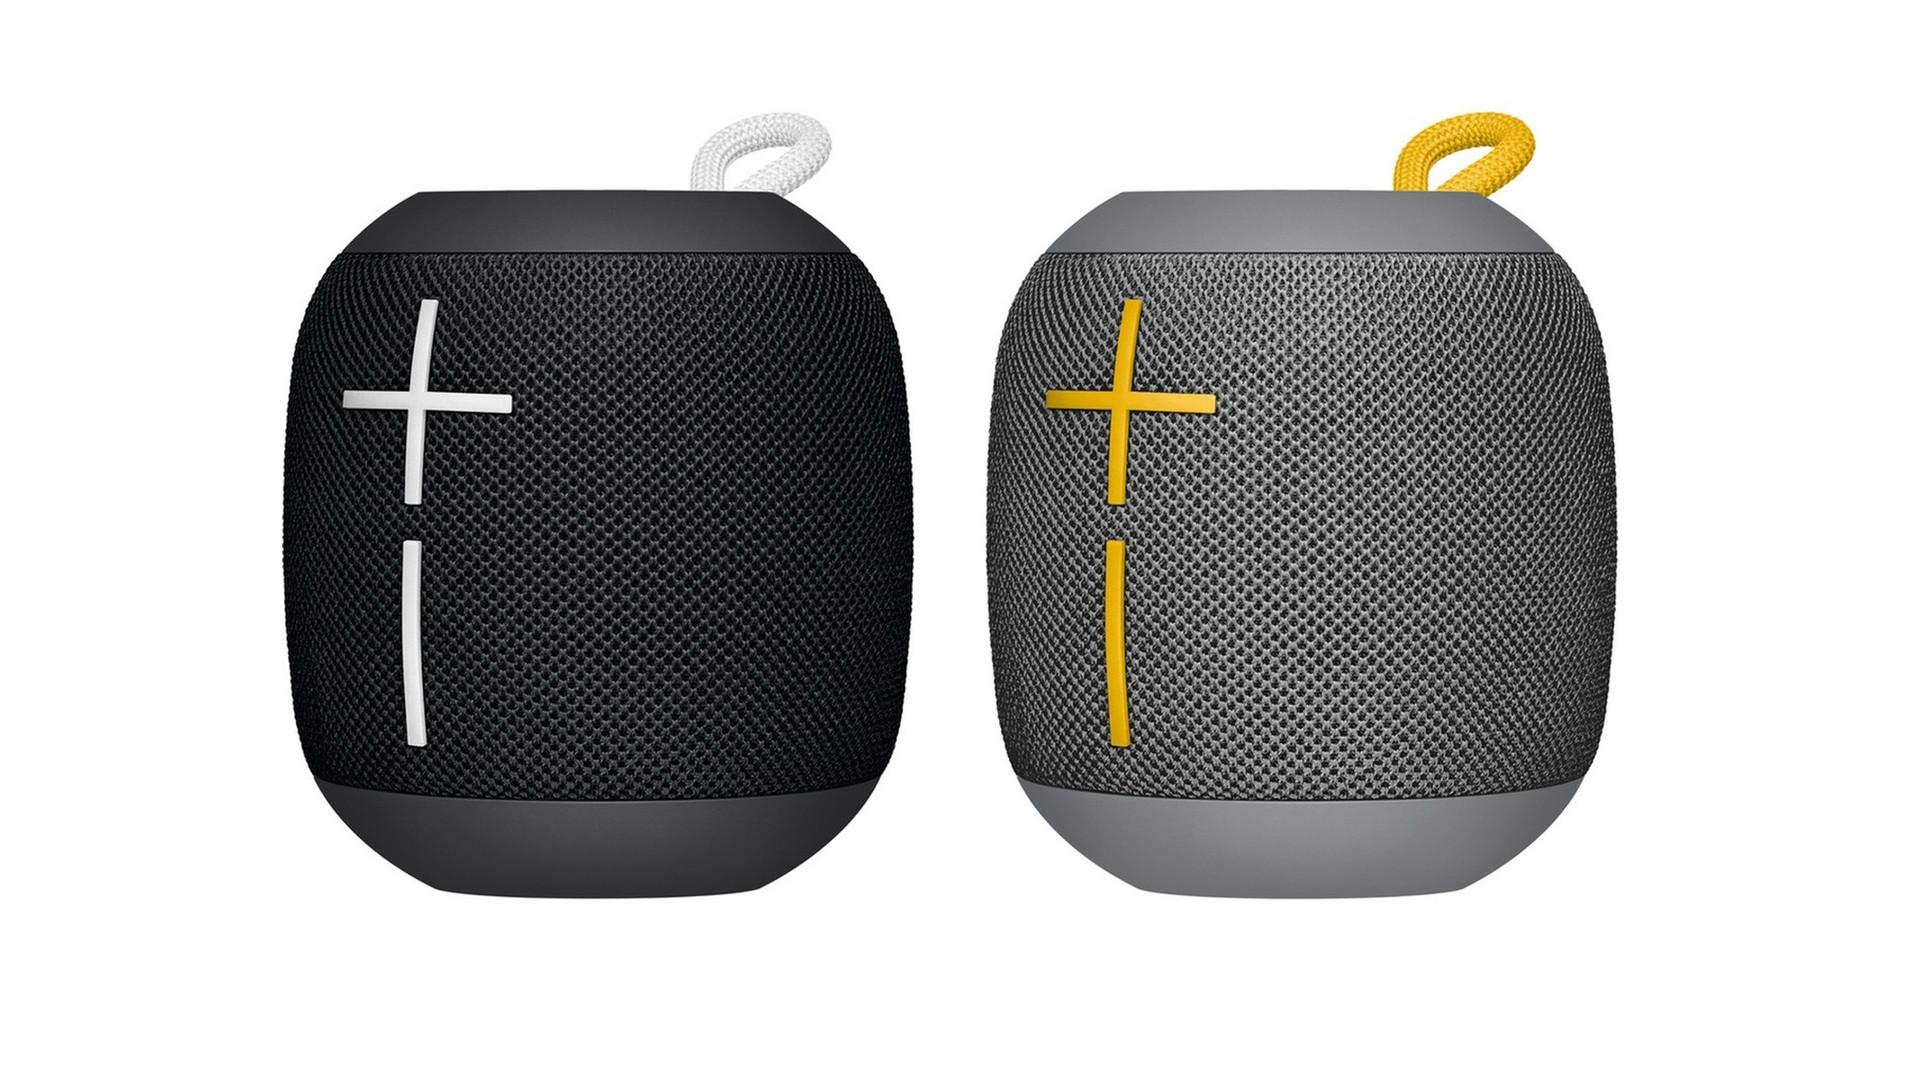 🔥 Bon plan : l'enceinte étanche et Bluetooth Ultimate Ears Wonderboom est à 59 euros sur Amazon